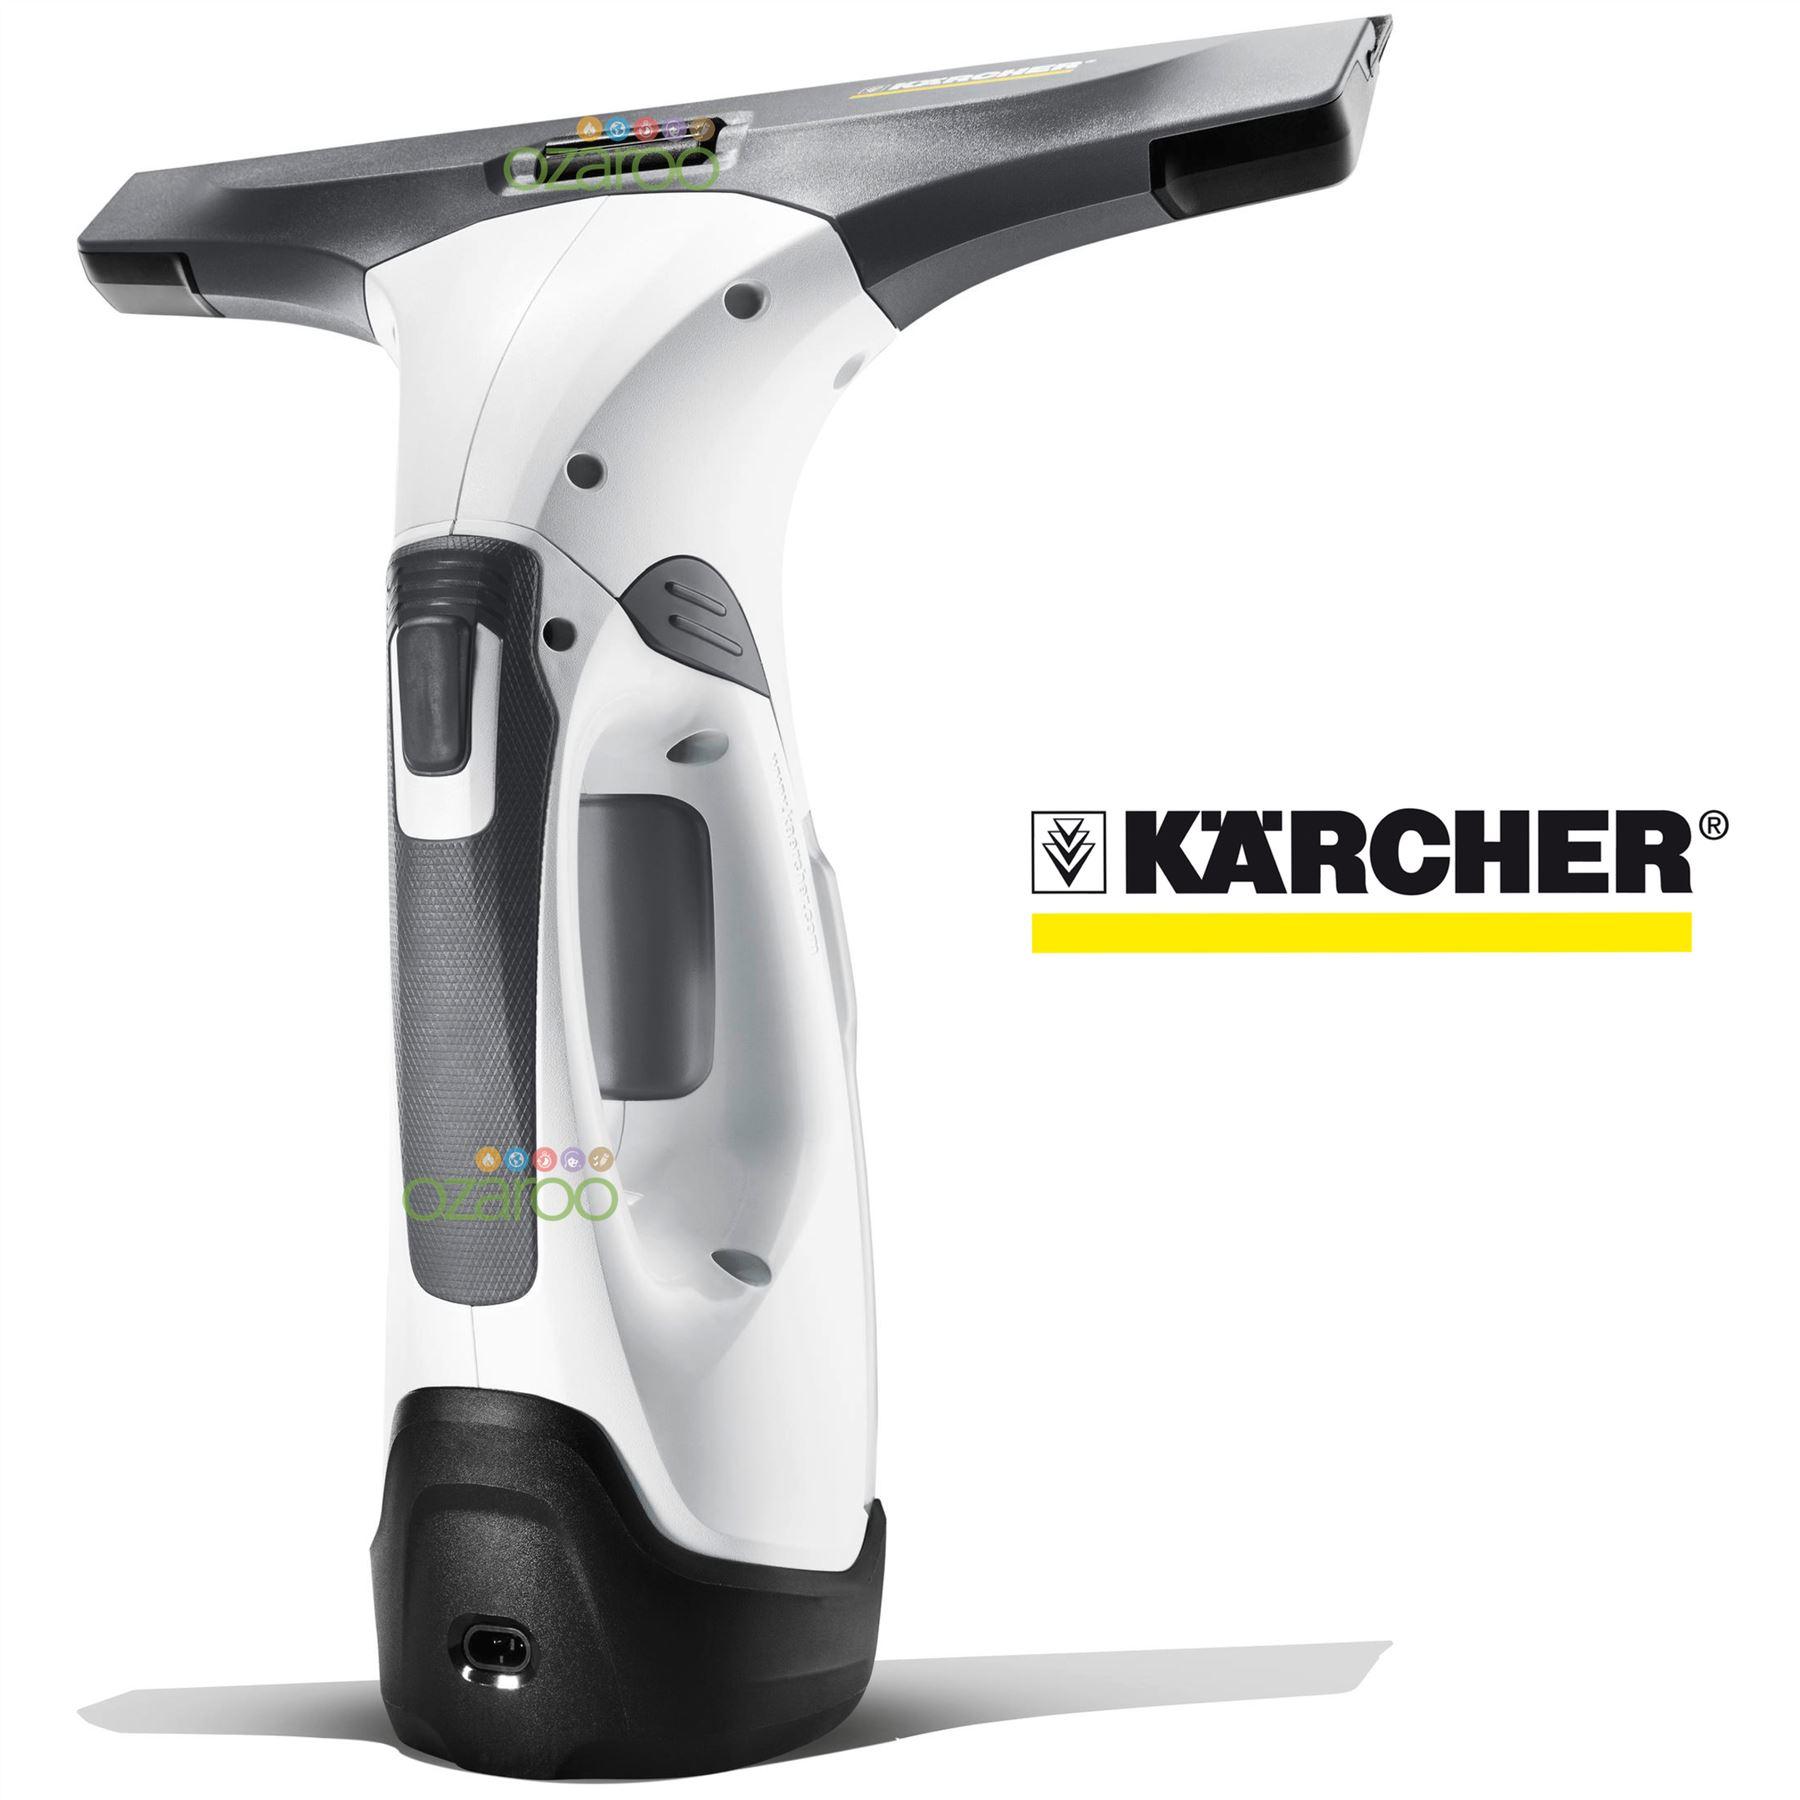 Karcher wv5 premium 2nd gen rechargebale window vacuum - Karcher wv5 premium ...